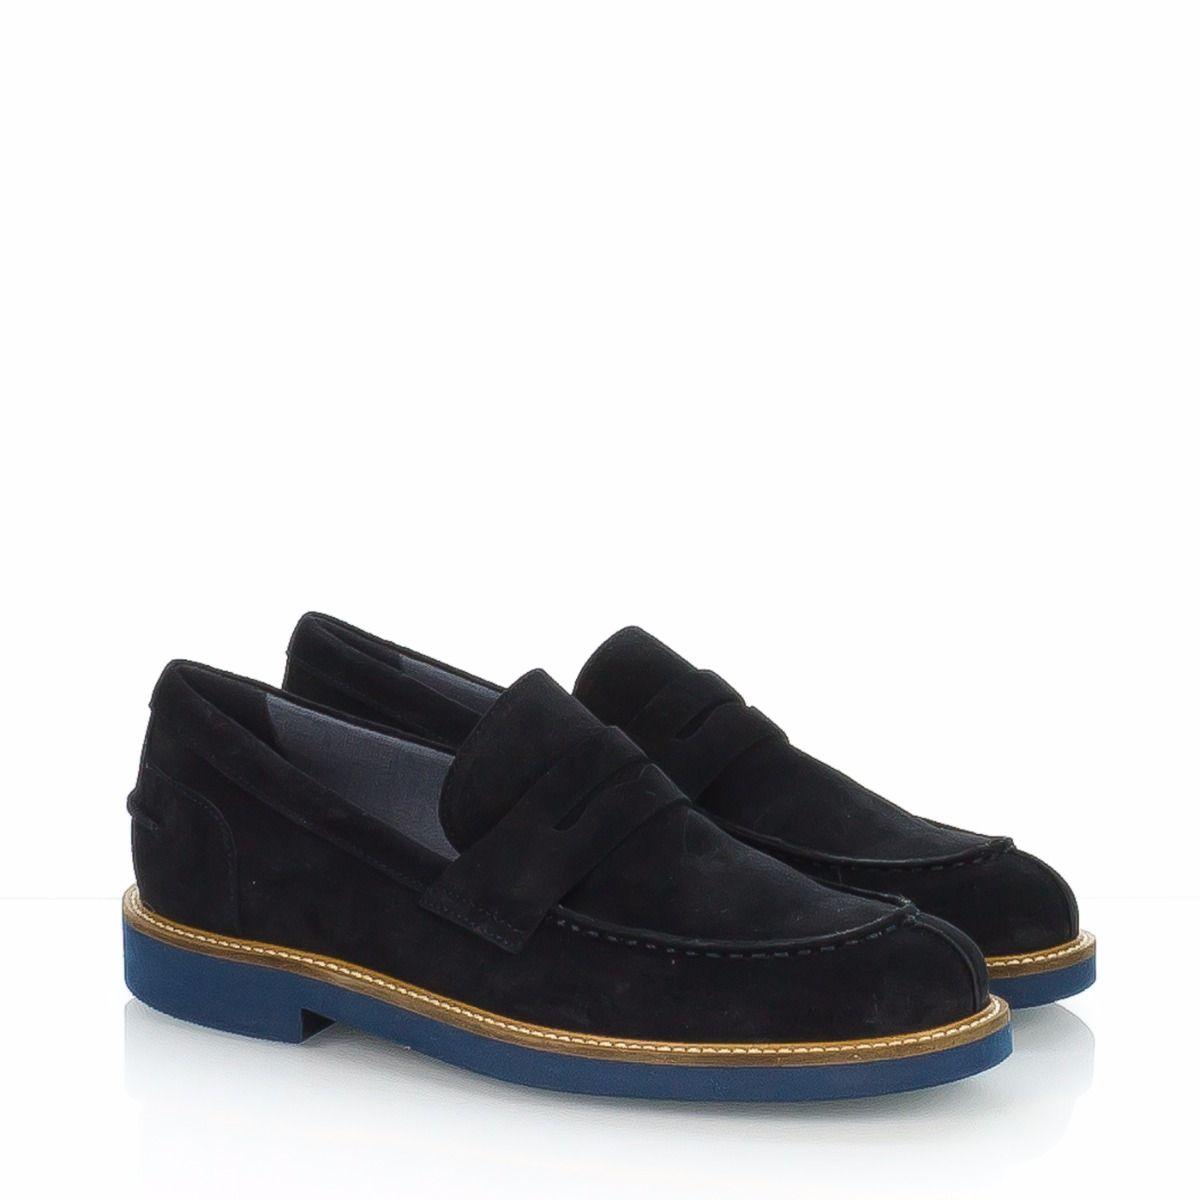 scarpe sportive scarpe sportive selezione migliore Mocassino uomo modello college in camoscio blu con suola azzurra ...